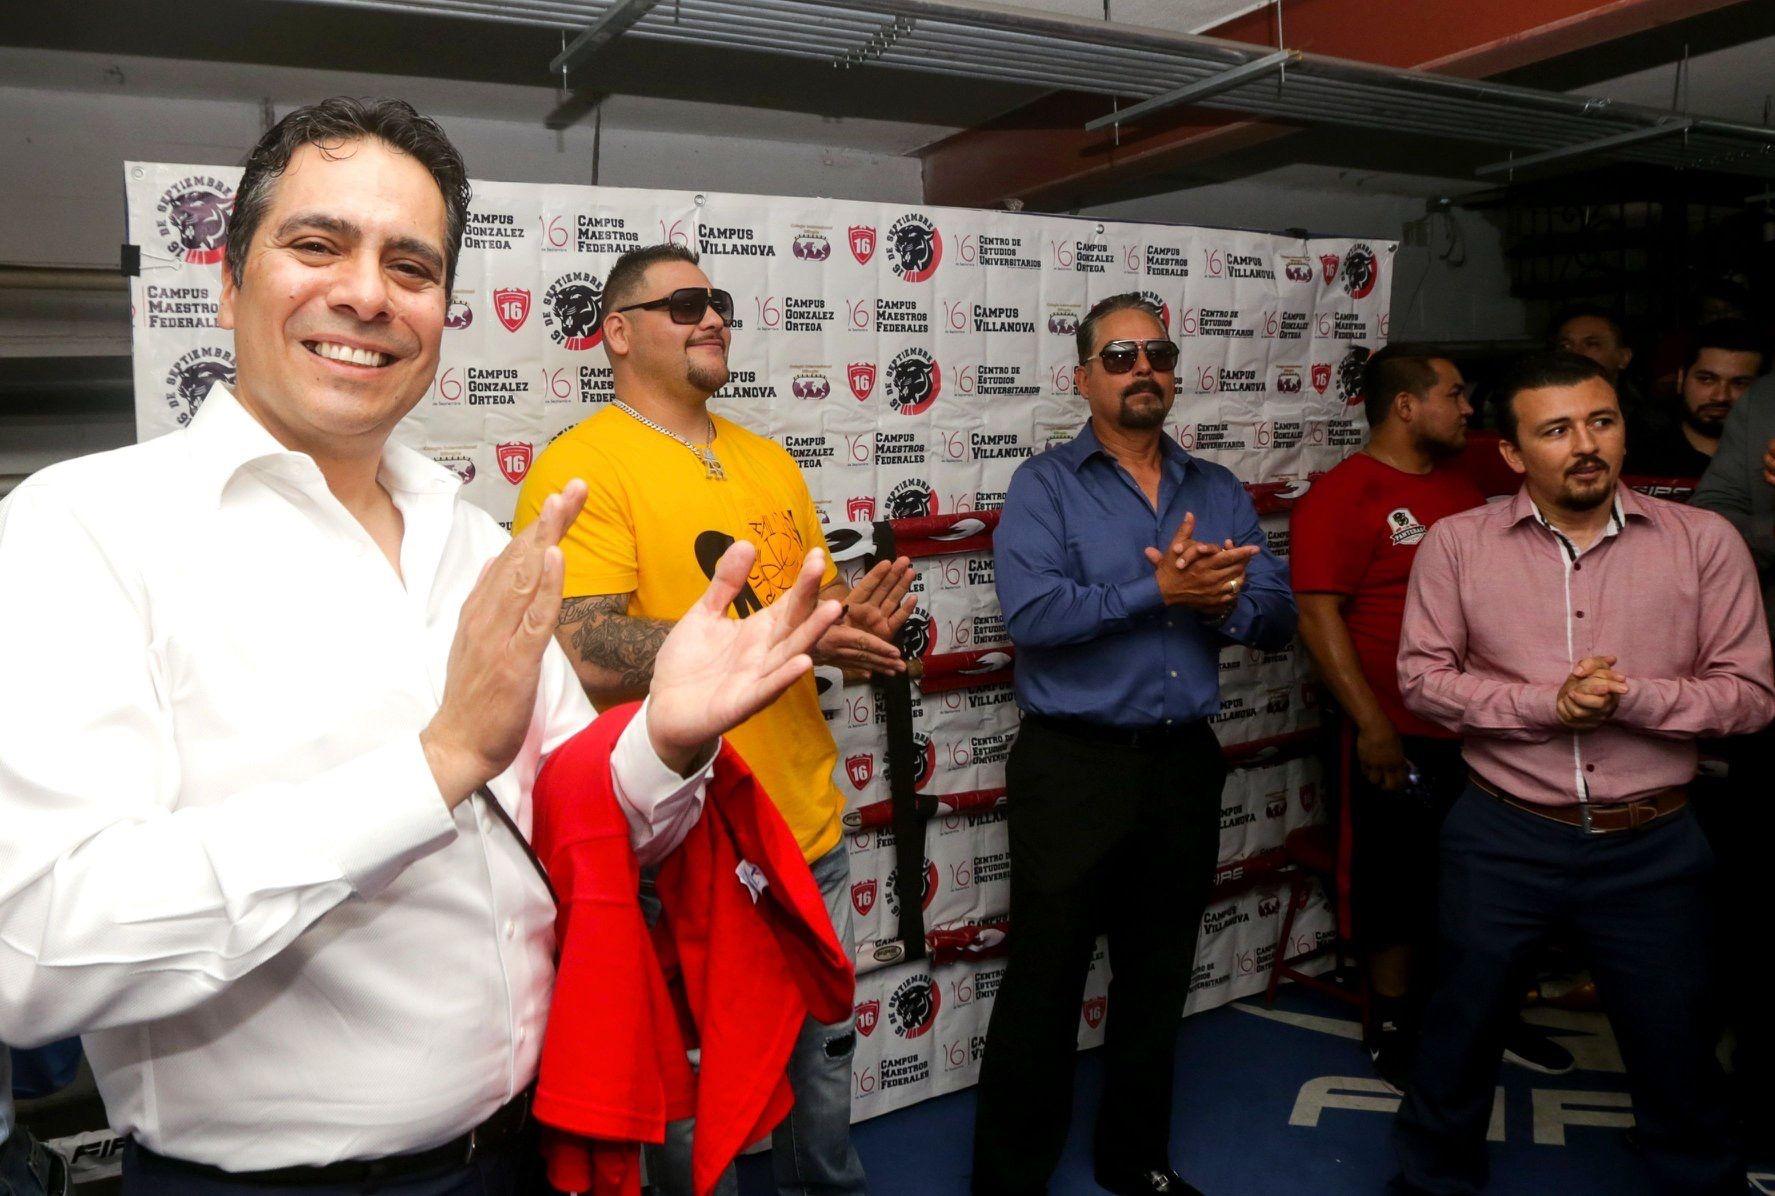 Visita del campeón mundial, Andy Ruiz, a nuestra escuela